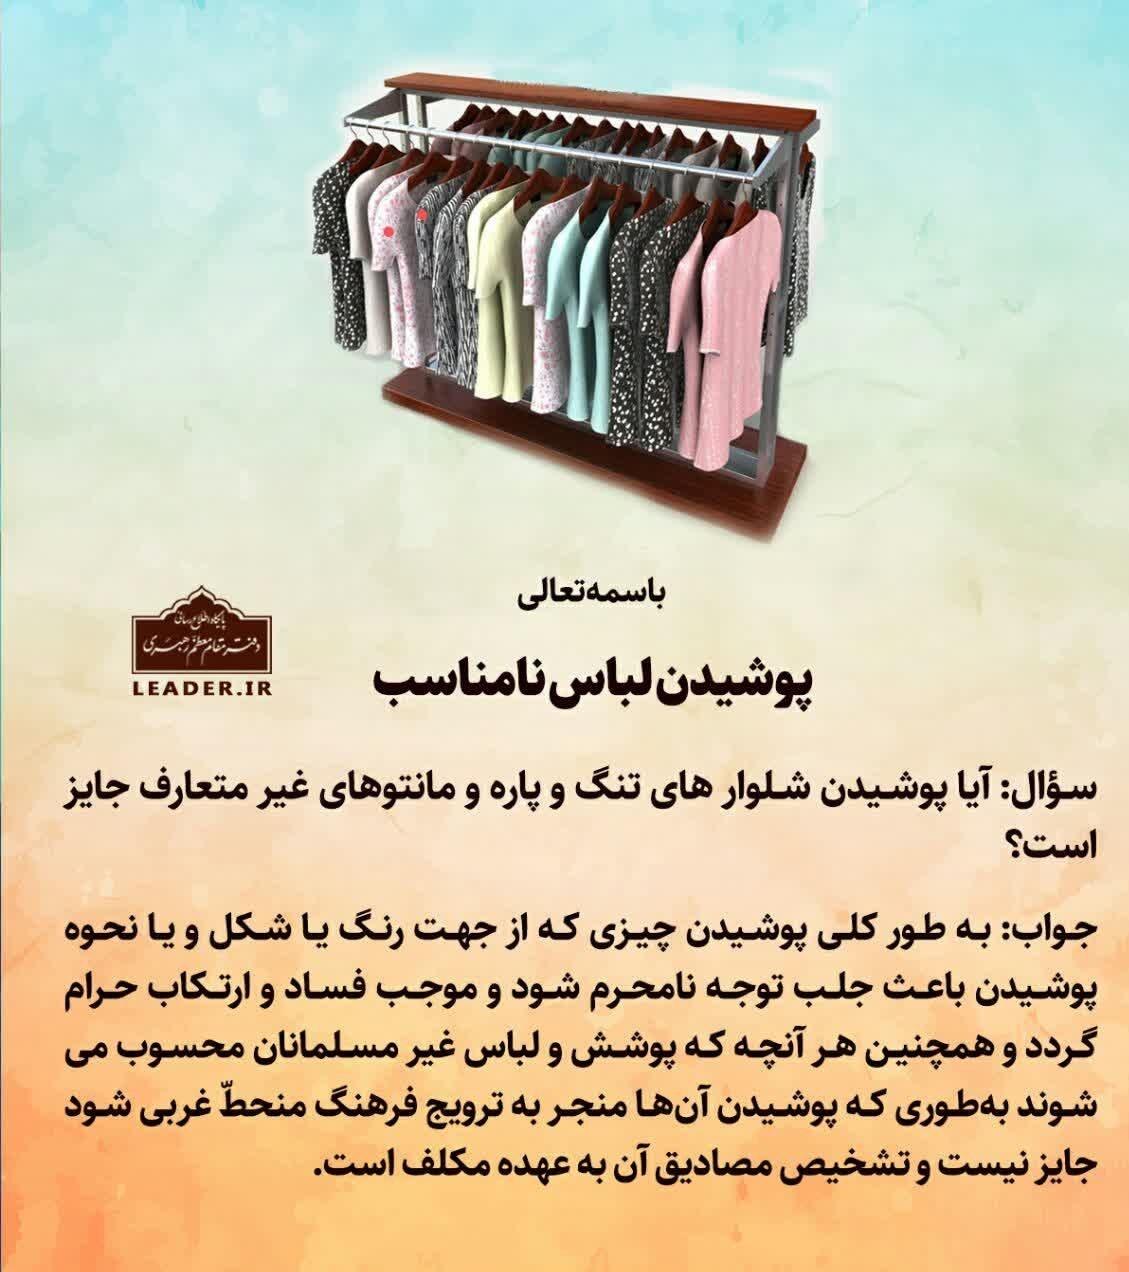 امام خامنهای , احکام دینی , مد و لباس , کارگروه ساماندهی مد و لباس کشور ,